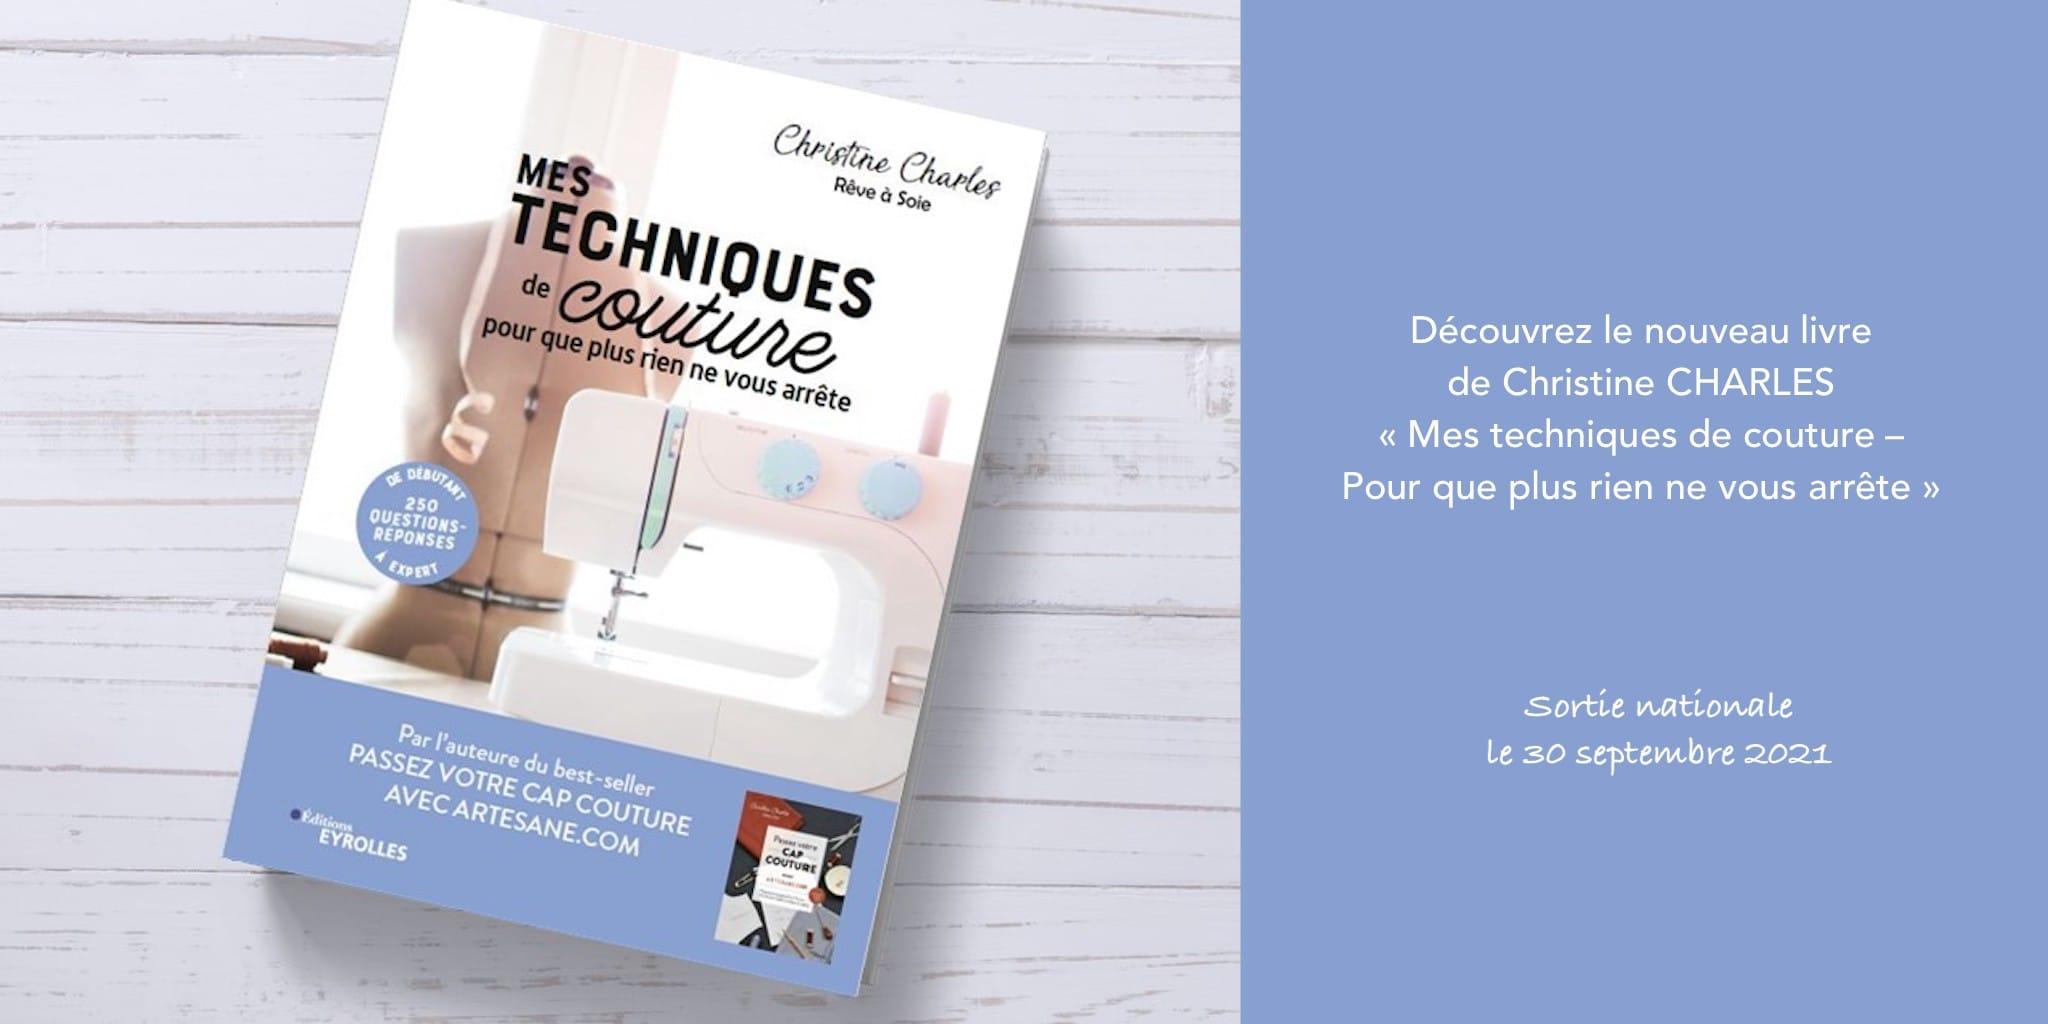 Christine Charles - Mes techniques de couture @ Coup de coudre